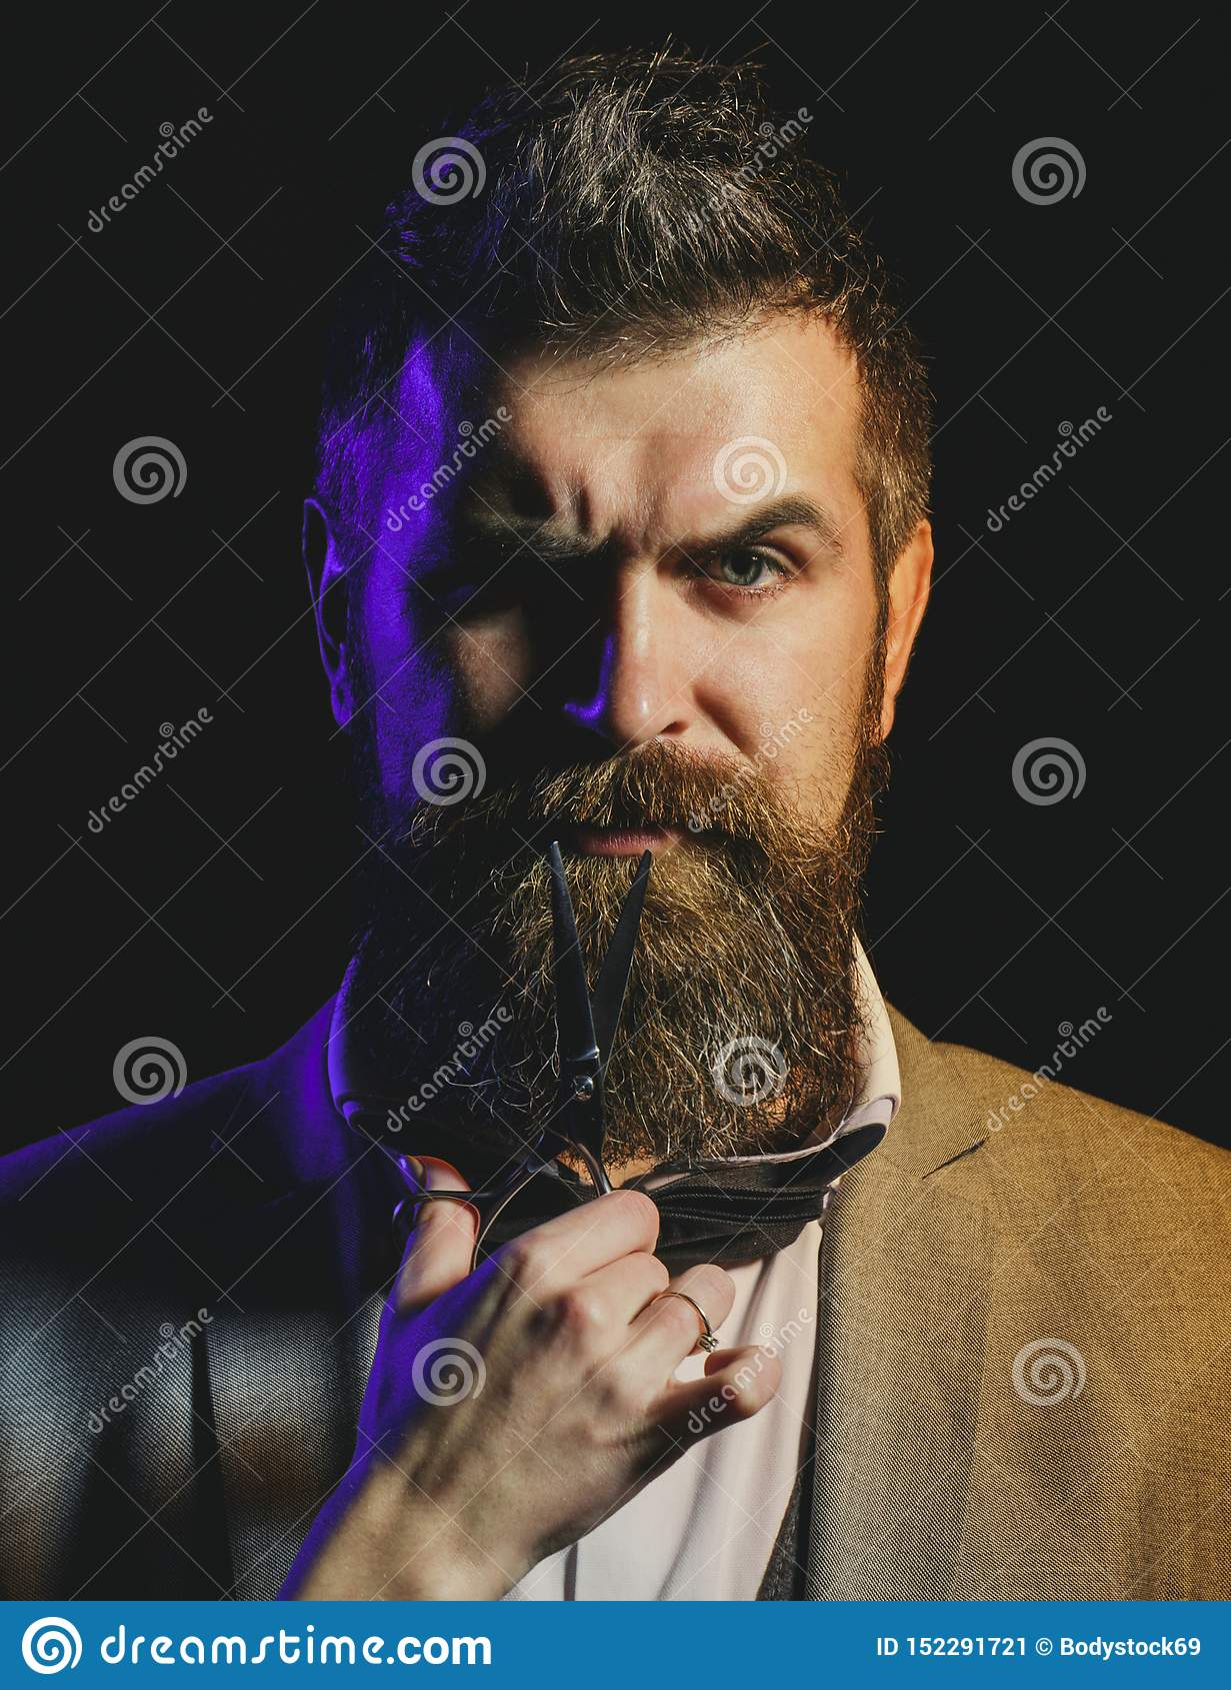 St?ende av det stilfulla mansk?gget Sk?ggig man, sk?ggig man Barberaresaxen, barberare shoppar Tappningfrisersalong som rakar